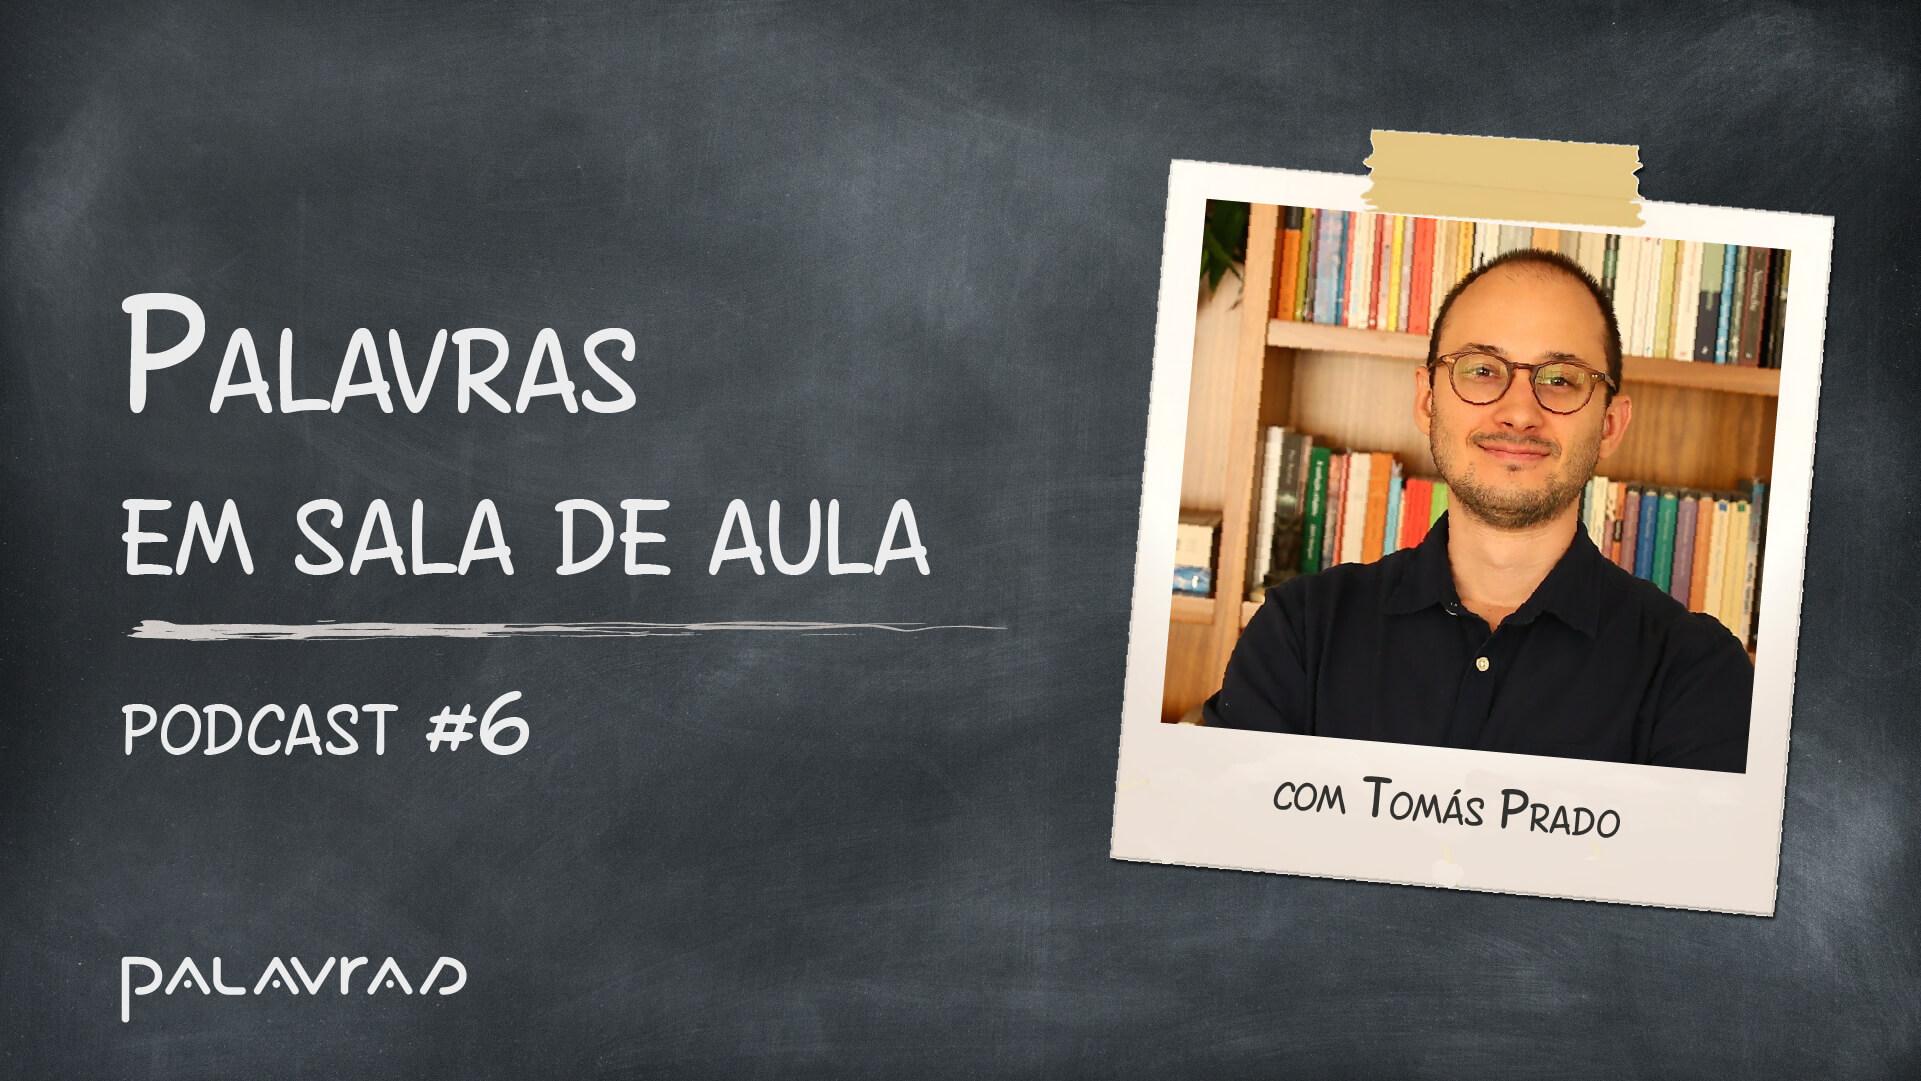 Podcast Palavras em Sala de Aula | #6: Tomás Prado